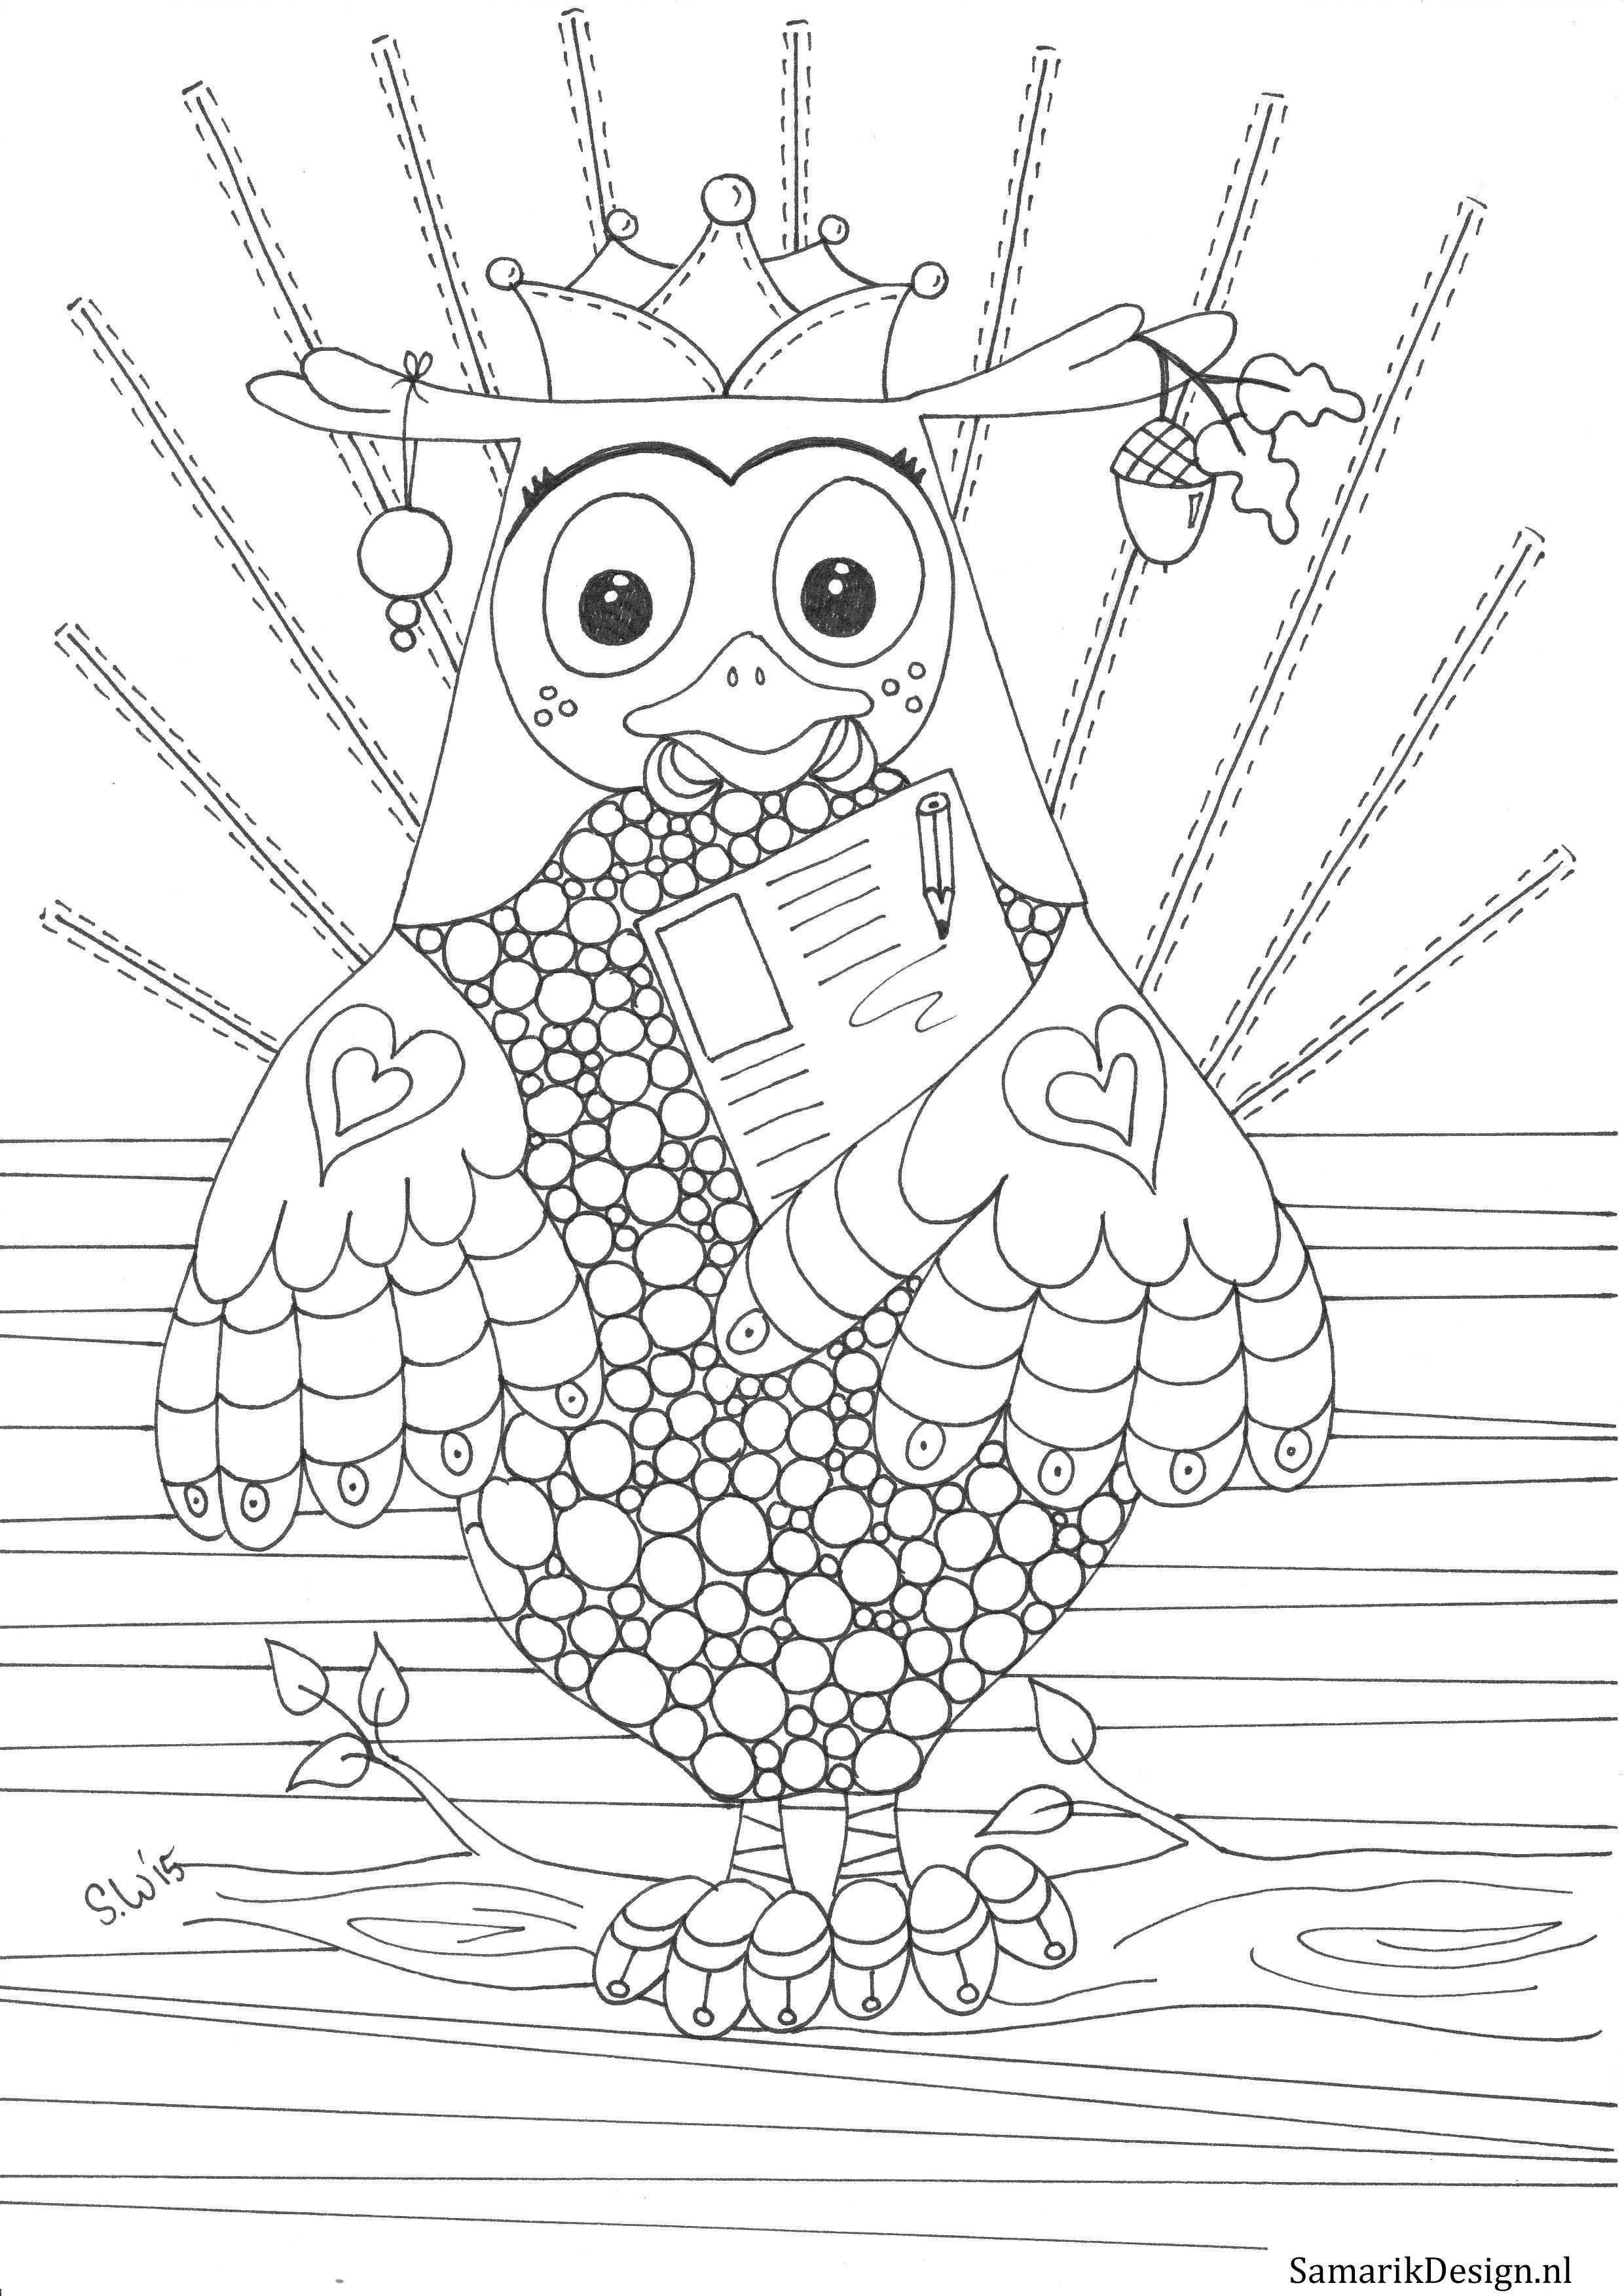 Kleurplaat Voor Volwassenen Fabeltjeskrantstyle Kleurplaten Dieren Kleurplaten Kleurboek